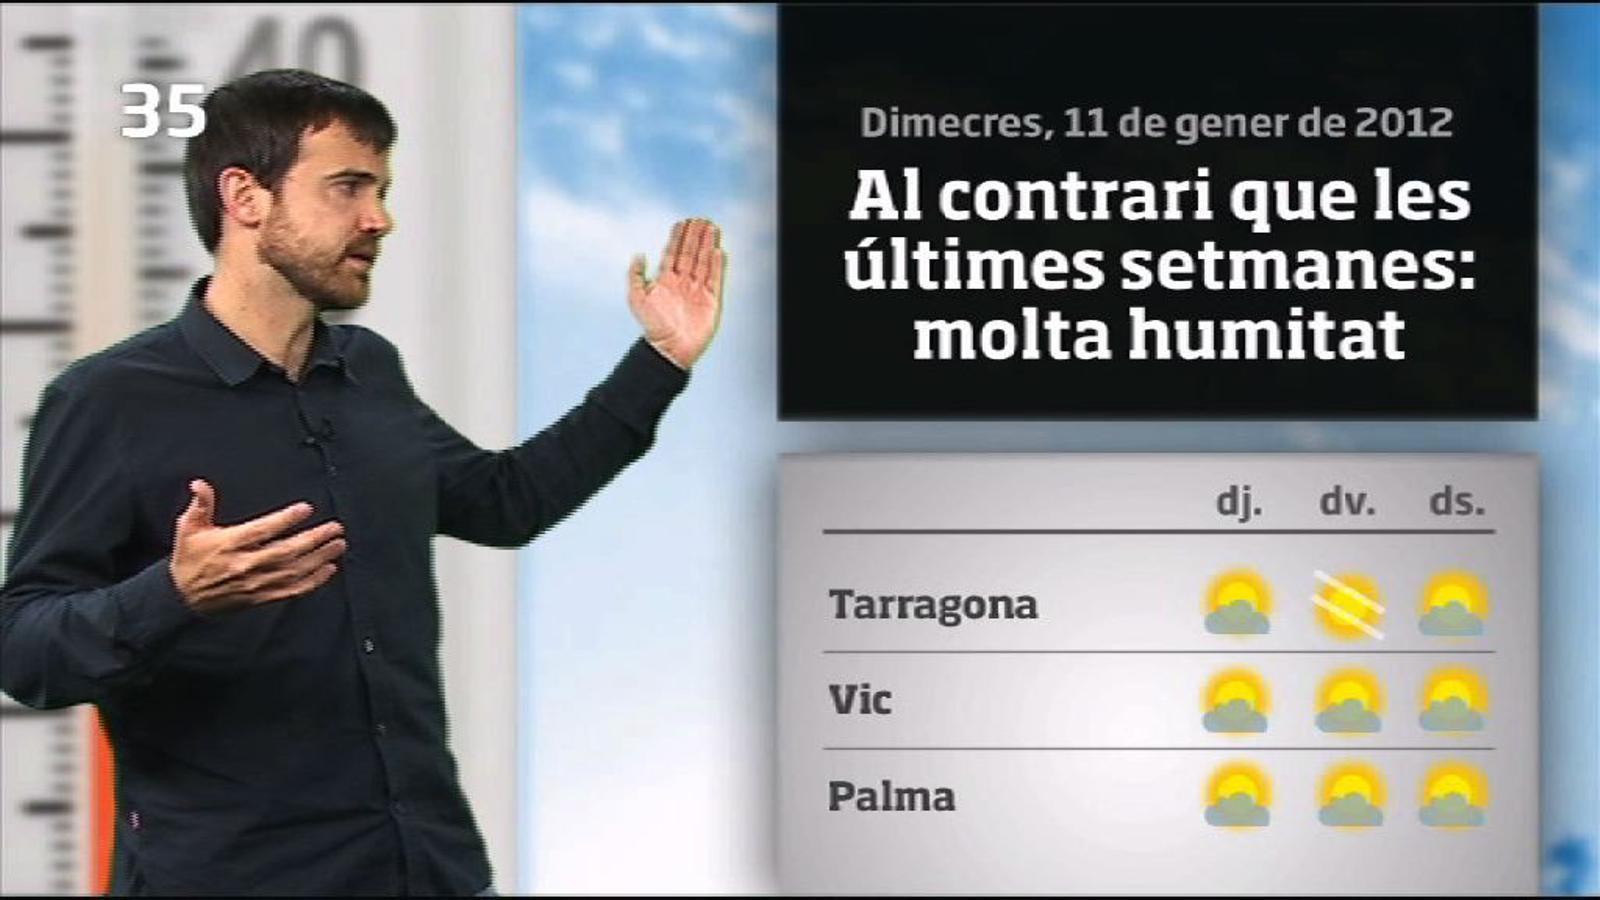 La méteo en 1 minut: sol, boires i molta humitat fins diumenge (12/01/2012)